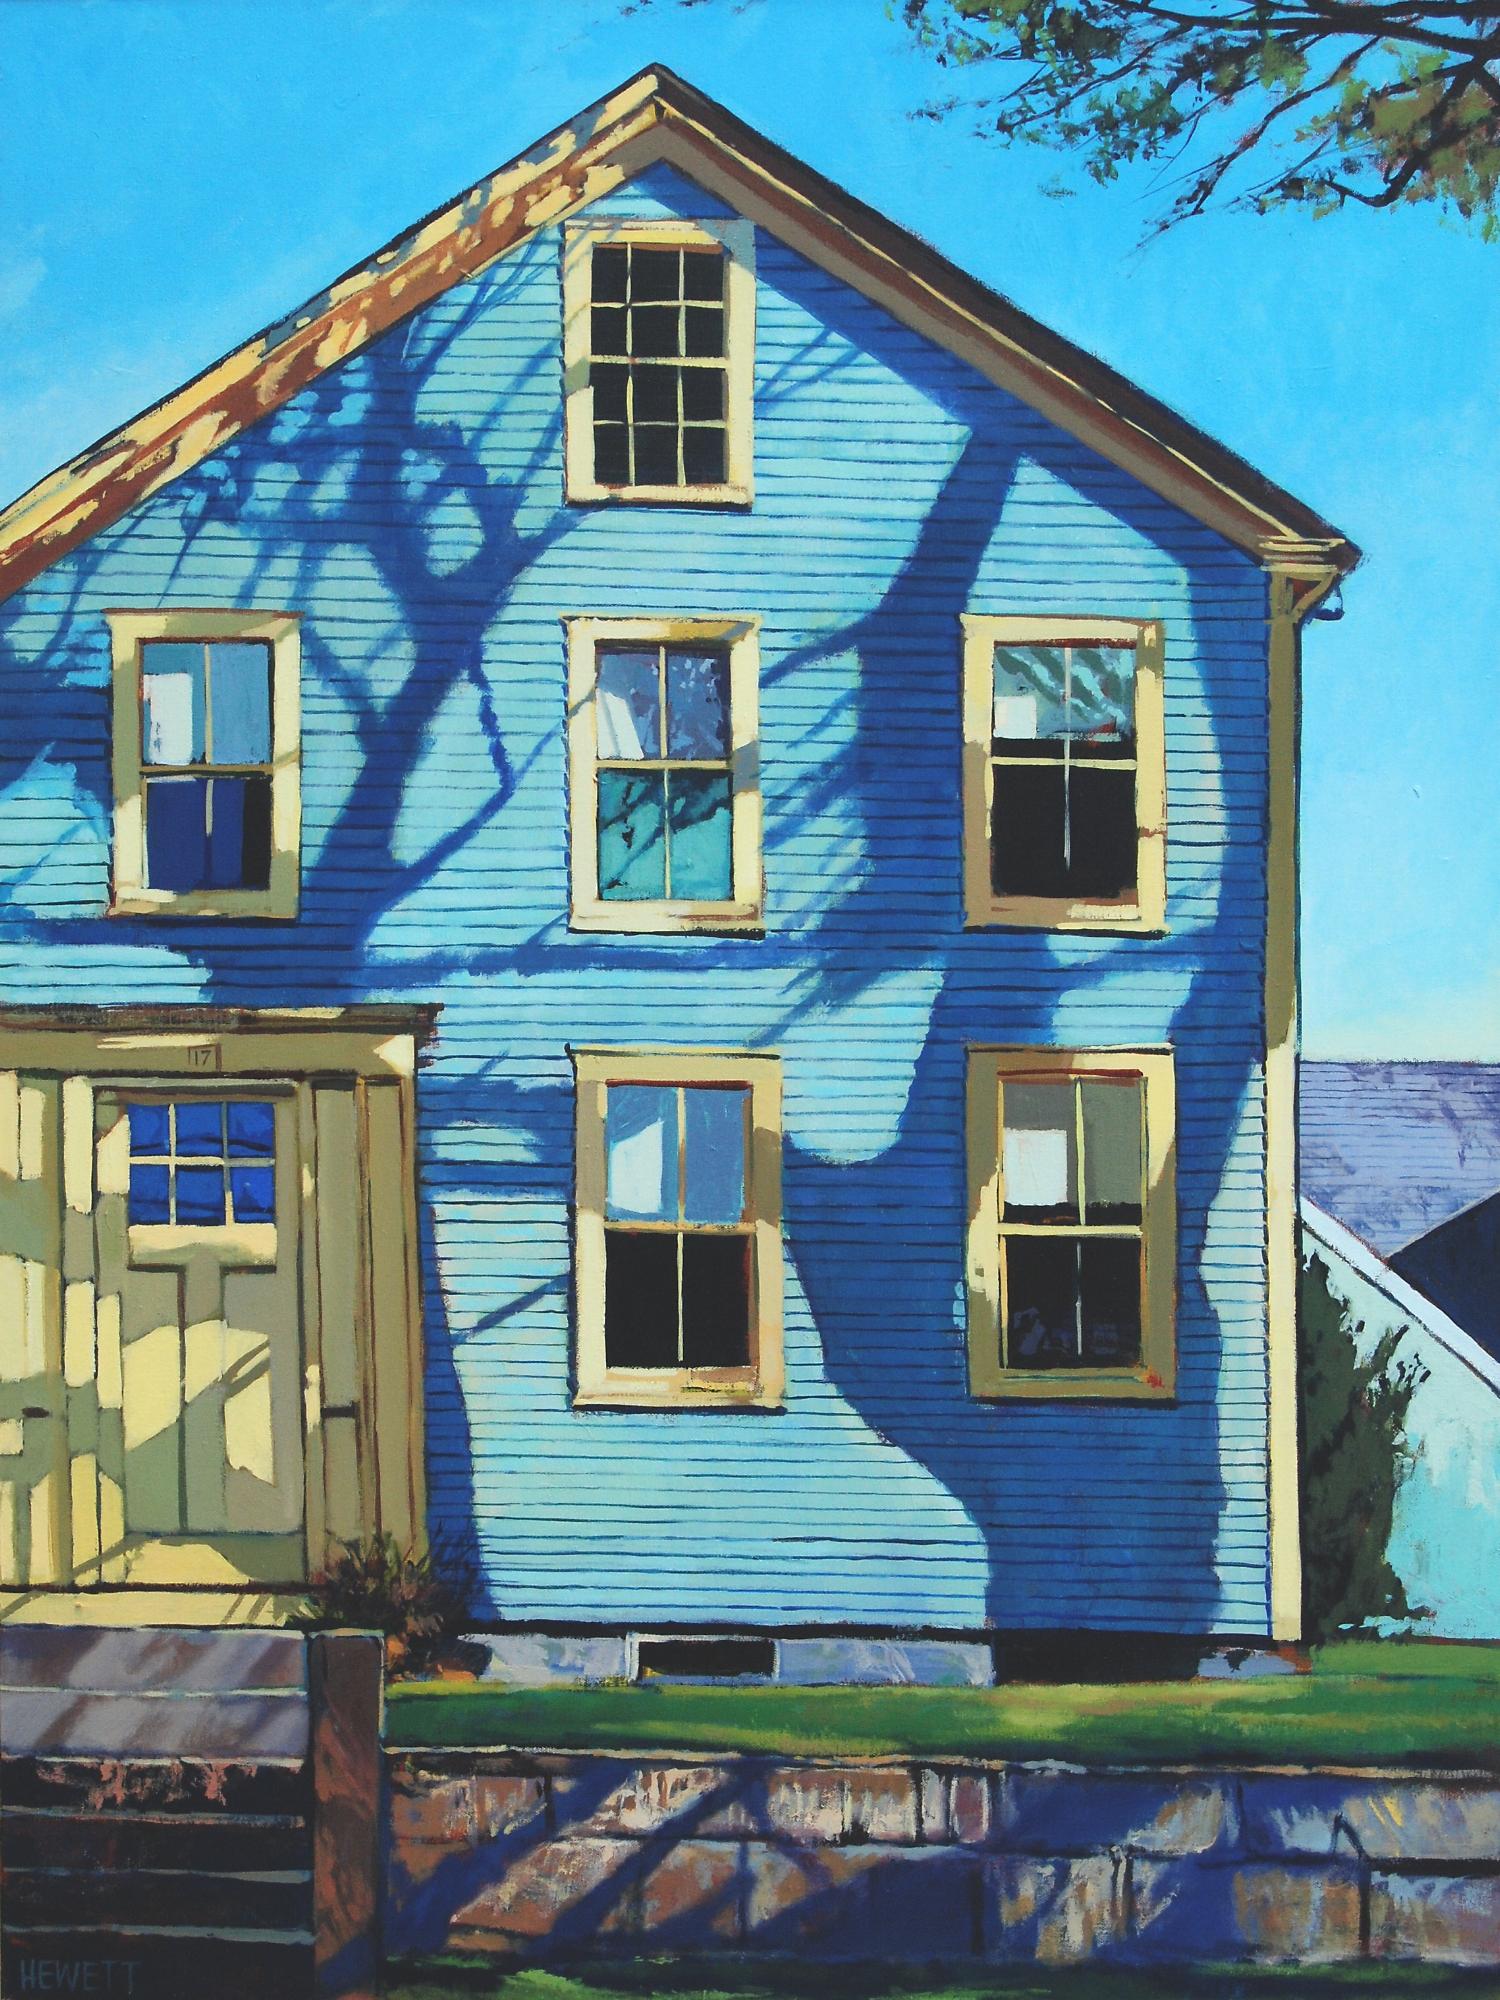 Blue House - Woods Hole